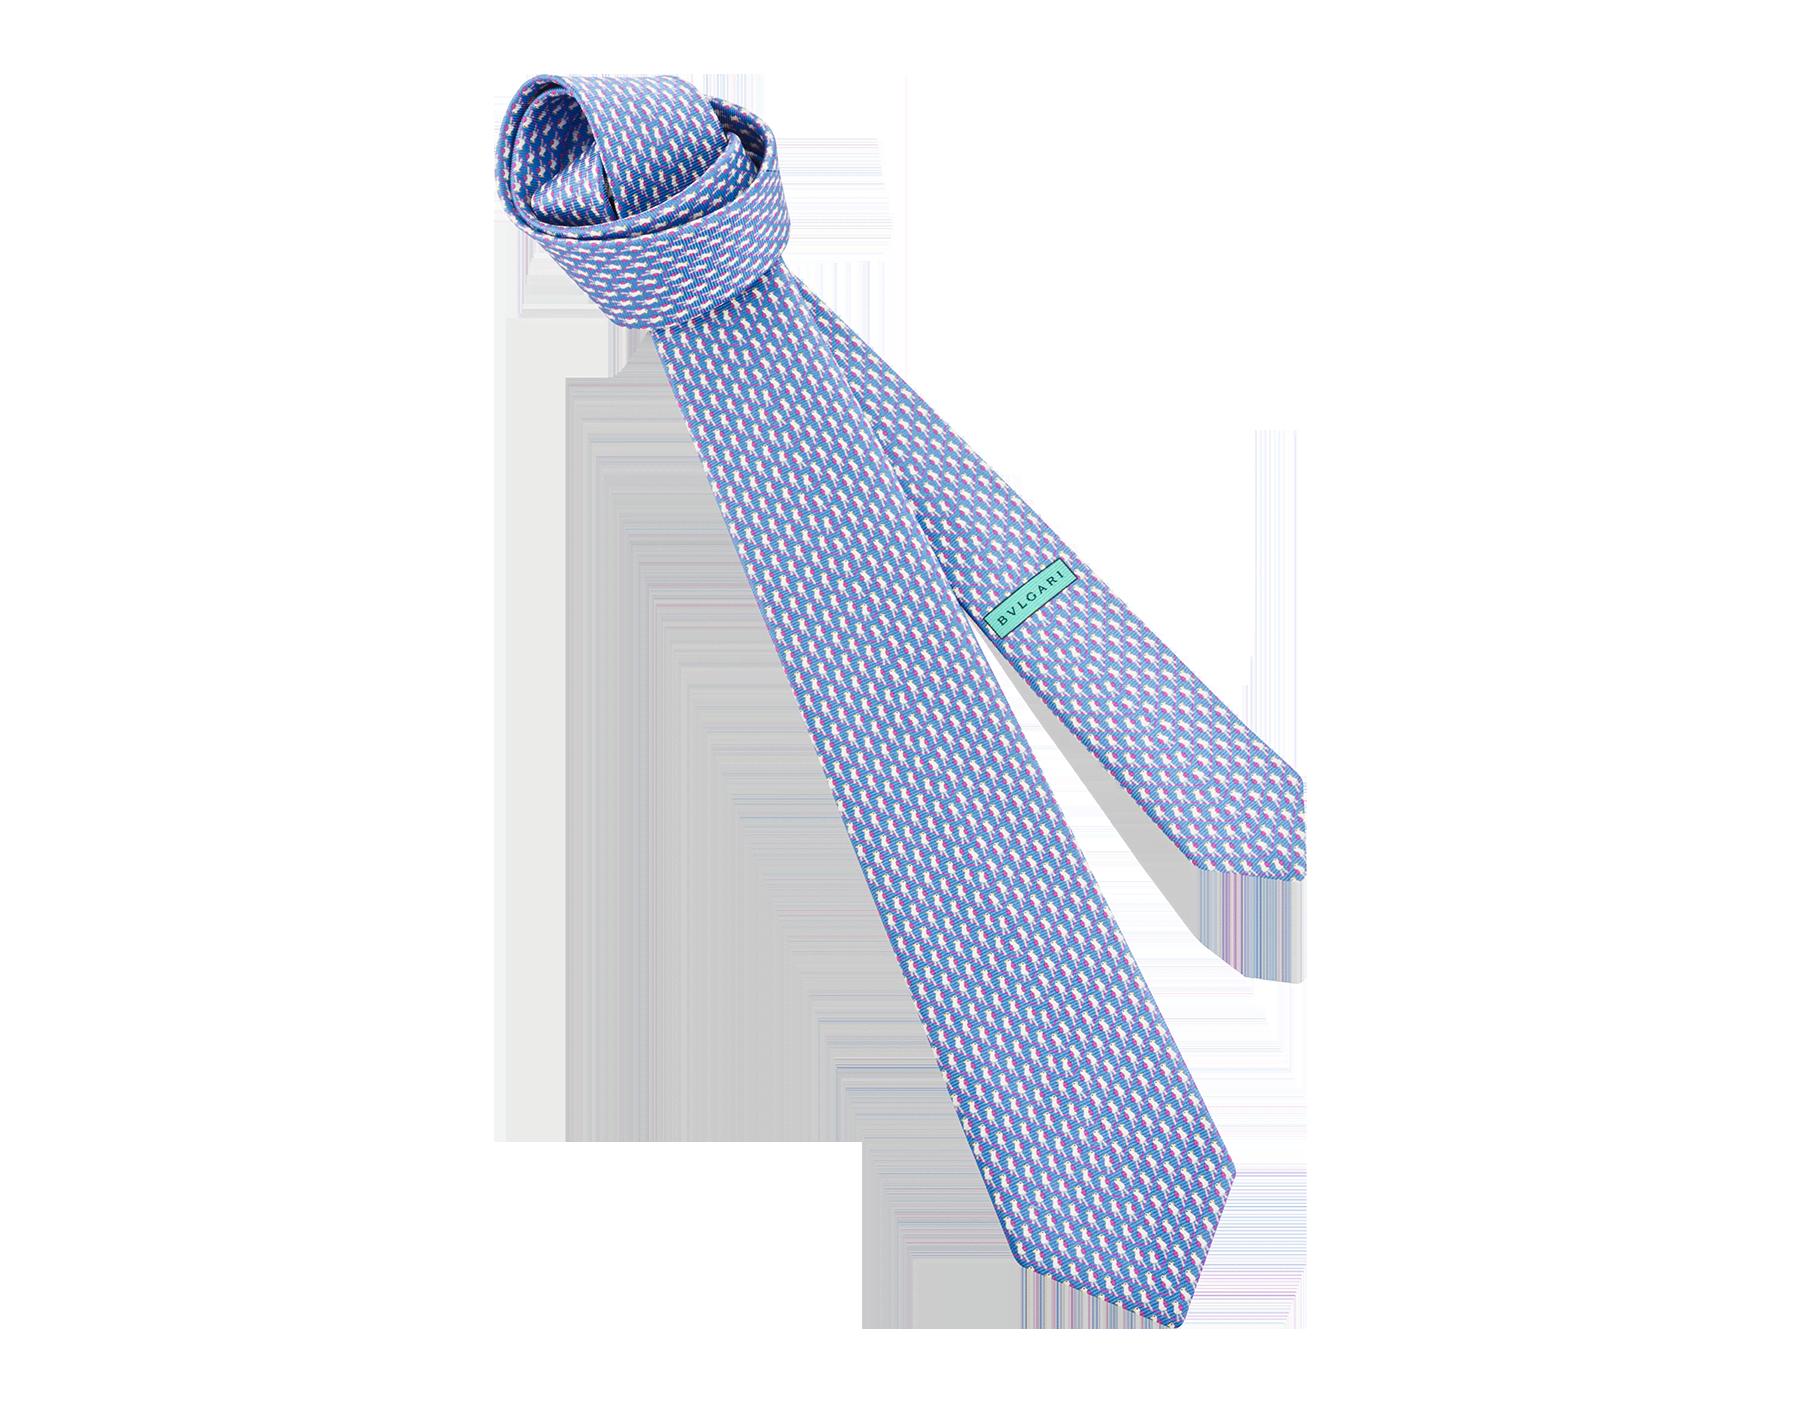 """Siebenfach gefaltete, blaue Krawatte mit """"Bird Watching"""" Muster aus feiner, bedruckter Saglione-Seide. 243136 image 1"""